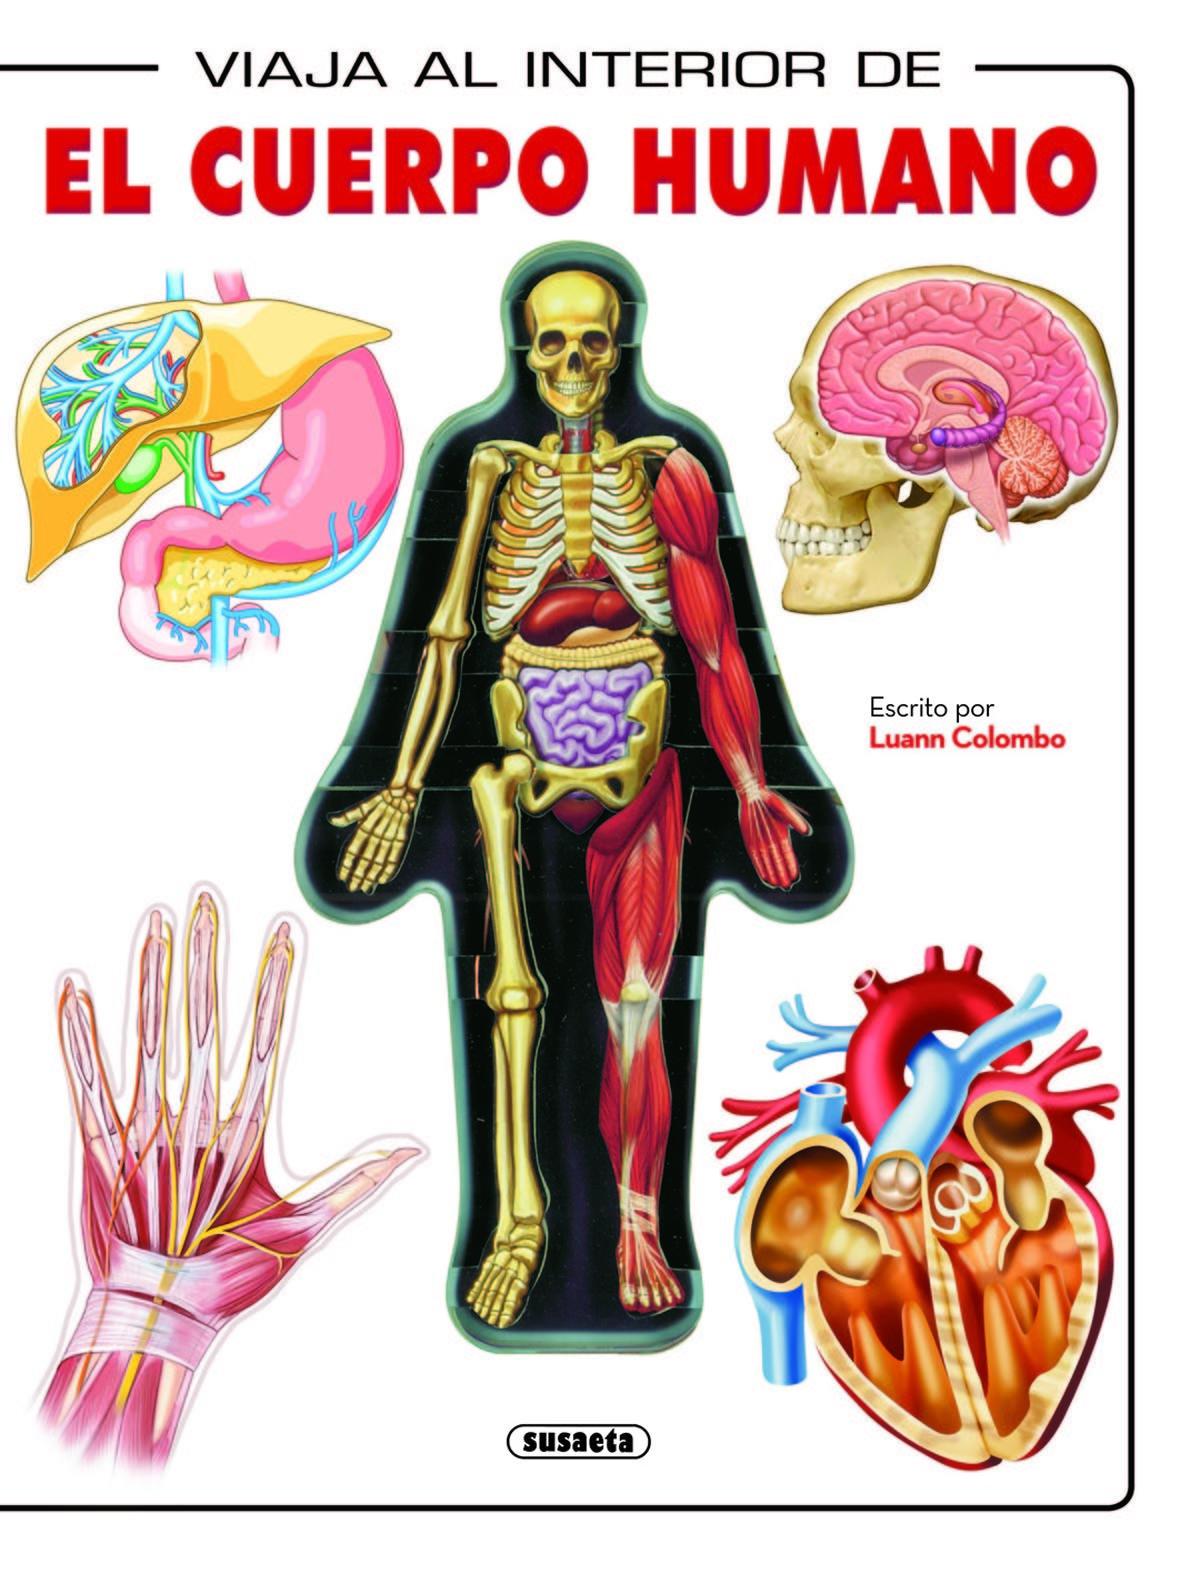 EL CUERPO HUMANO (VIAJA AL INTERIOR DE) | VV.AA. | Comprar libro ...